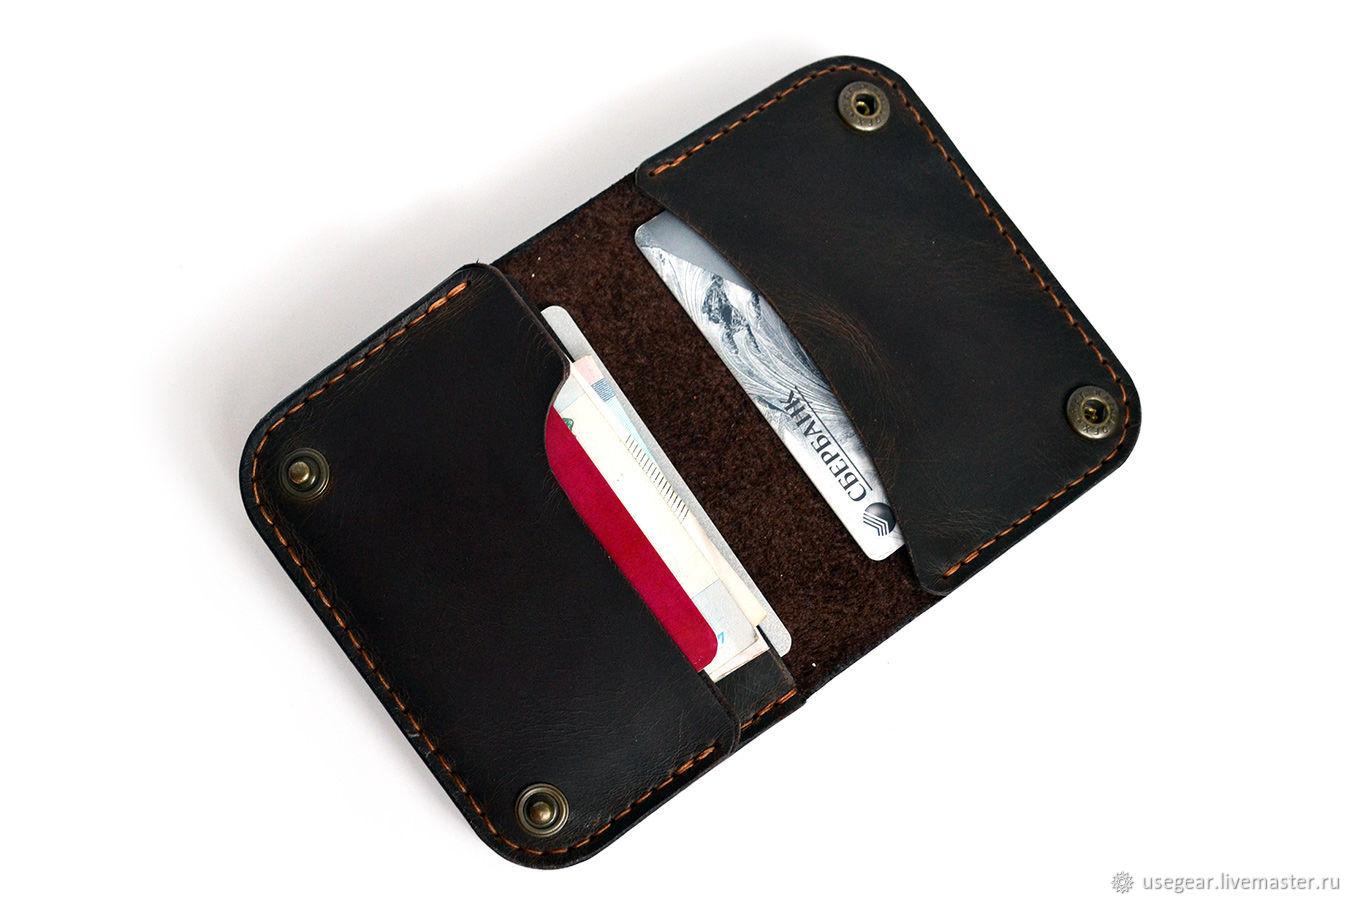 Кожаный кошелек BIF коричневый, Кошельки, Москва,  Фото №1